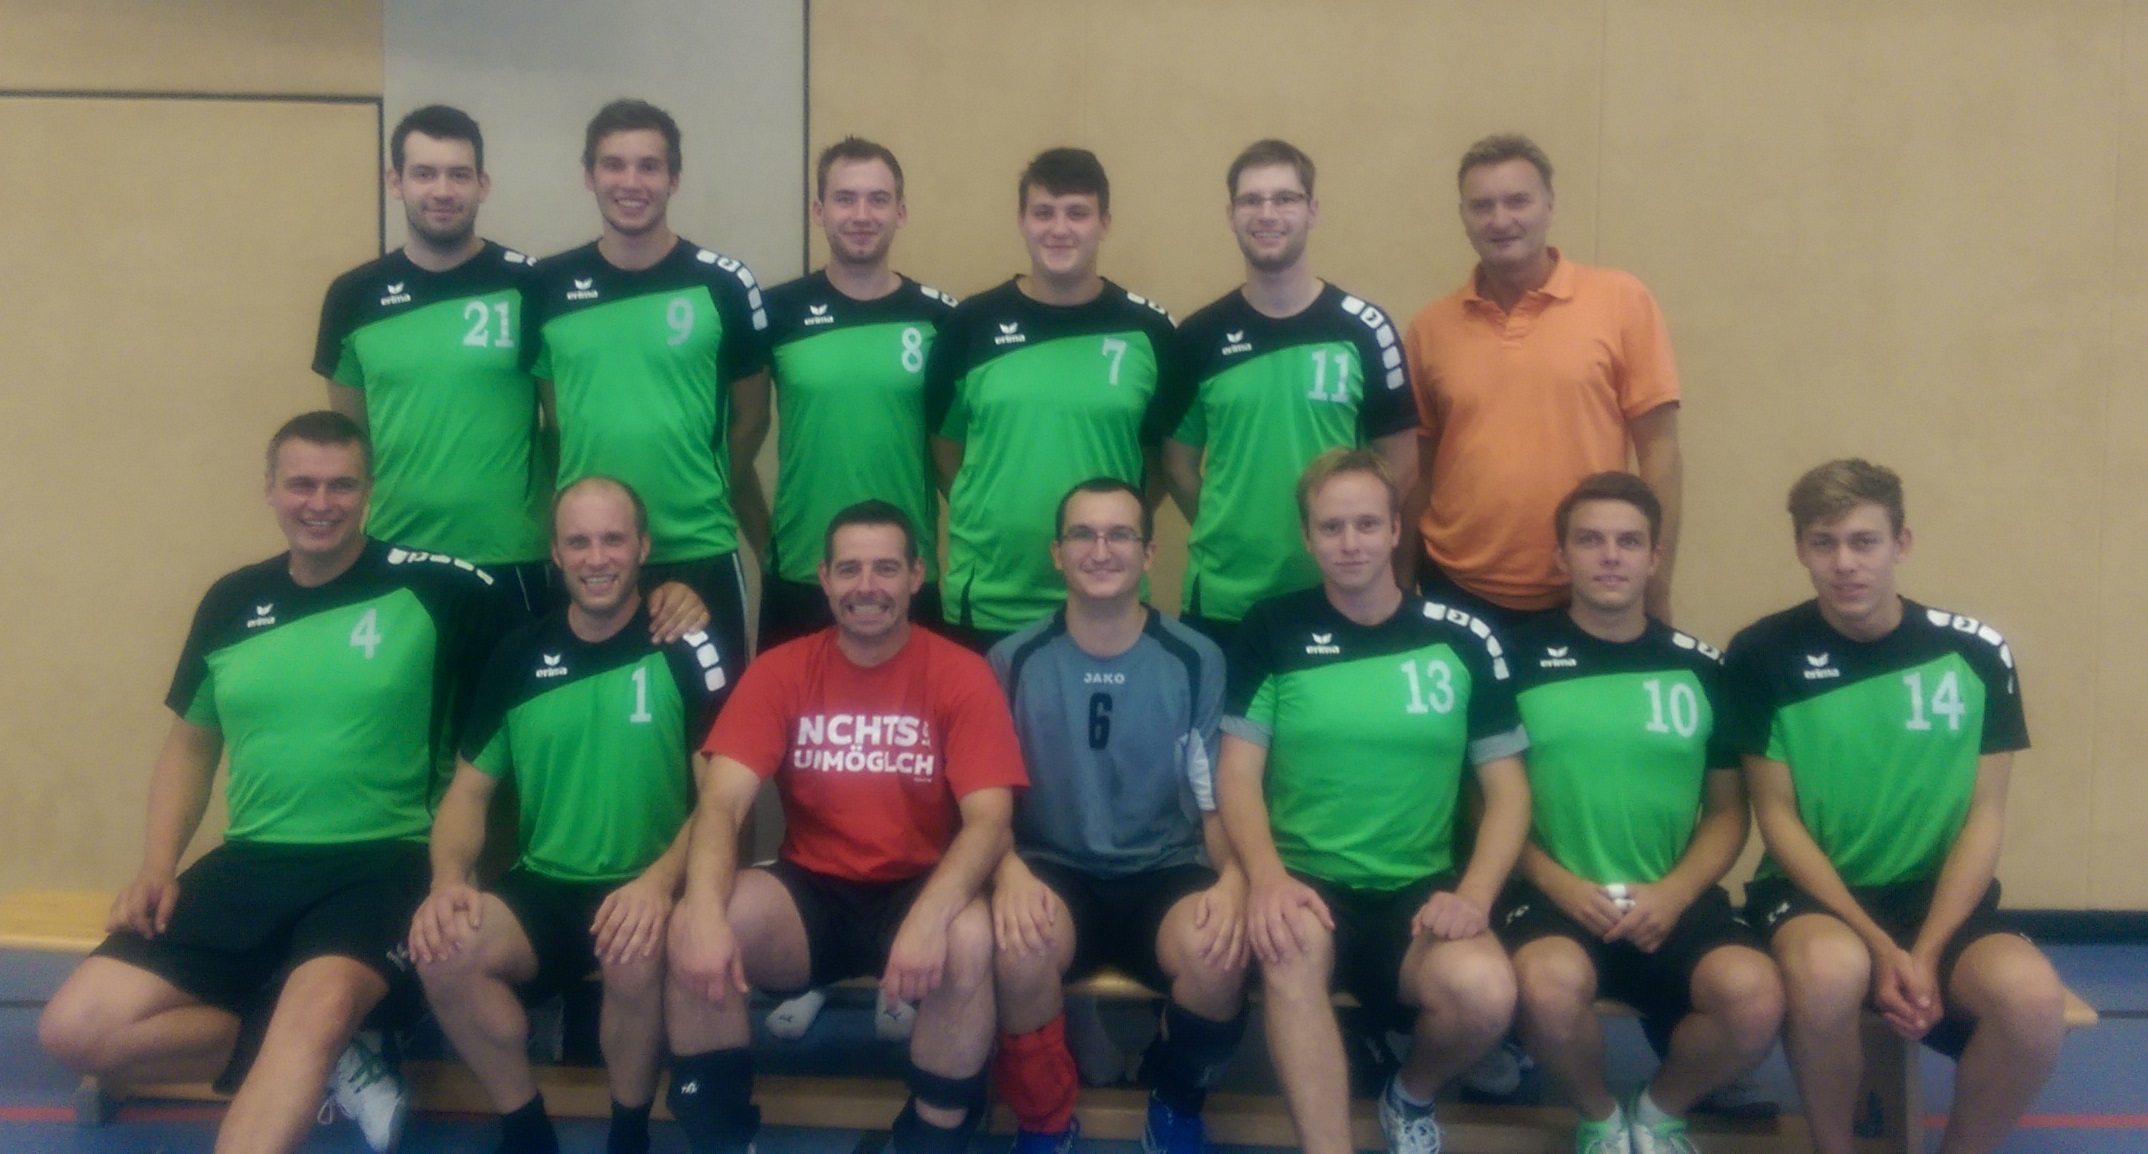 Das Bild zeigt das Mannschaftsfoto der 3. Herren Volleyballmannschaft..